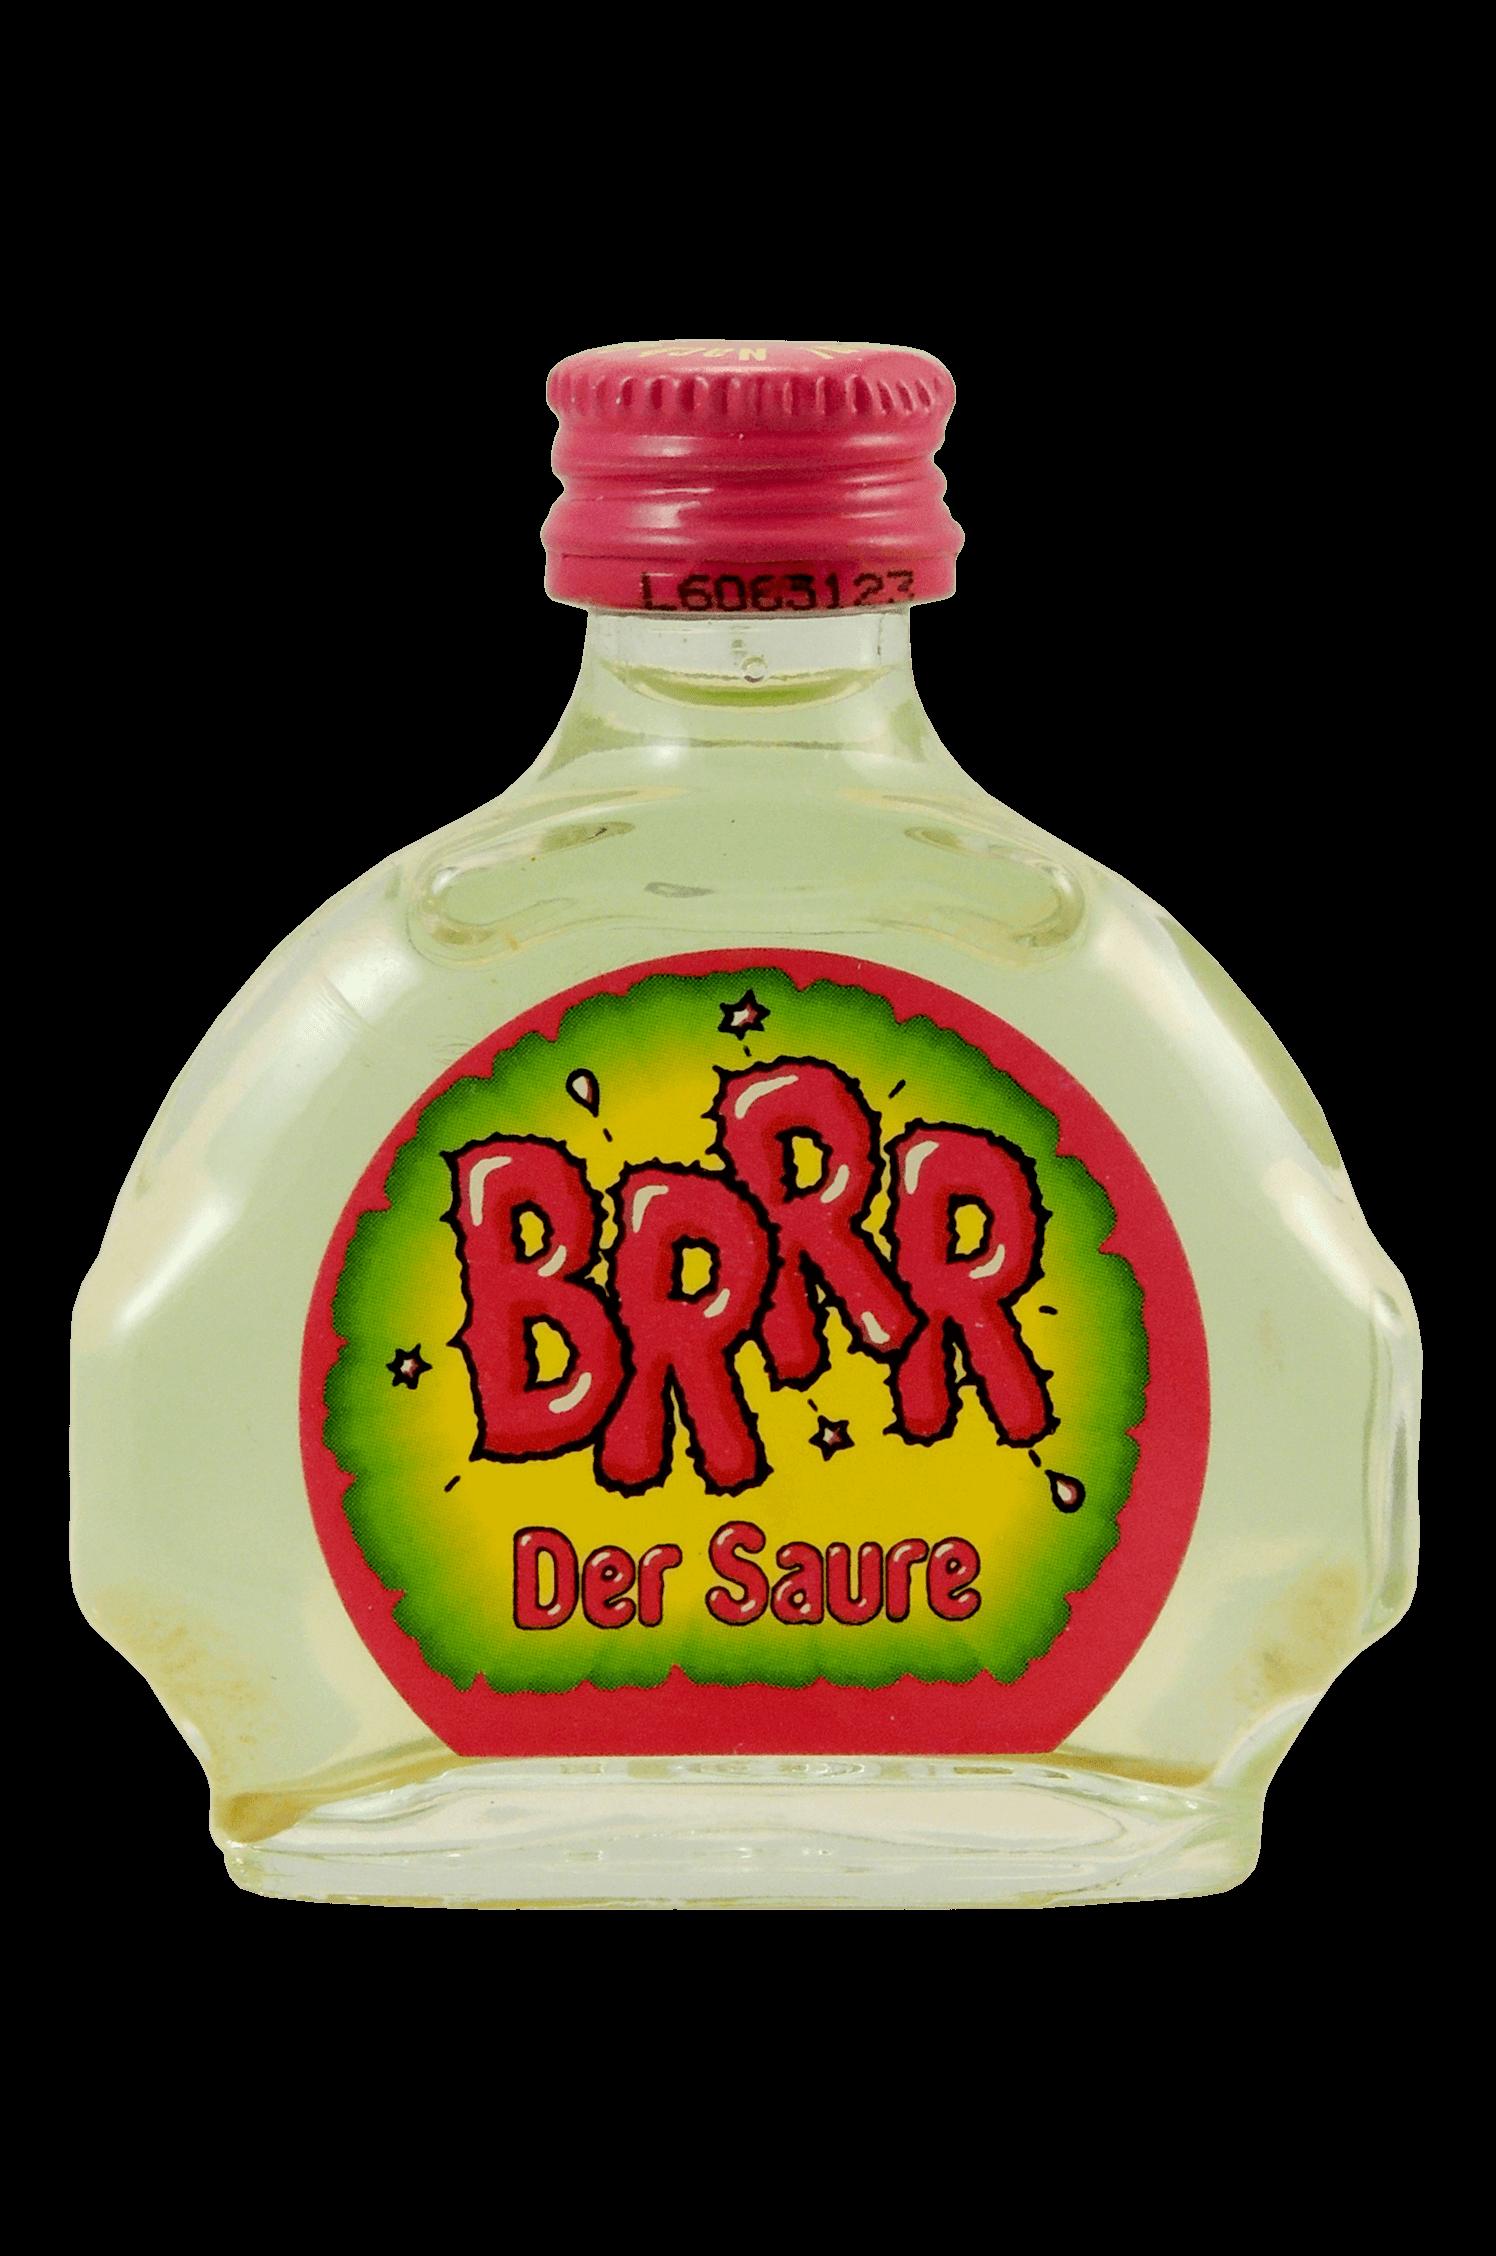 Brrr Der Saure Wodka